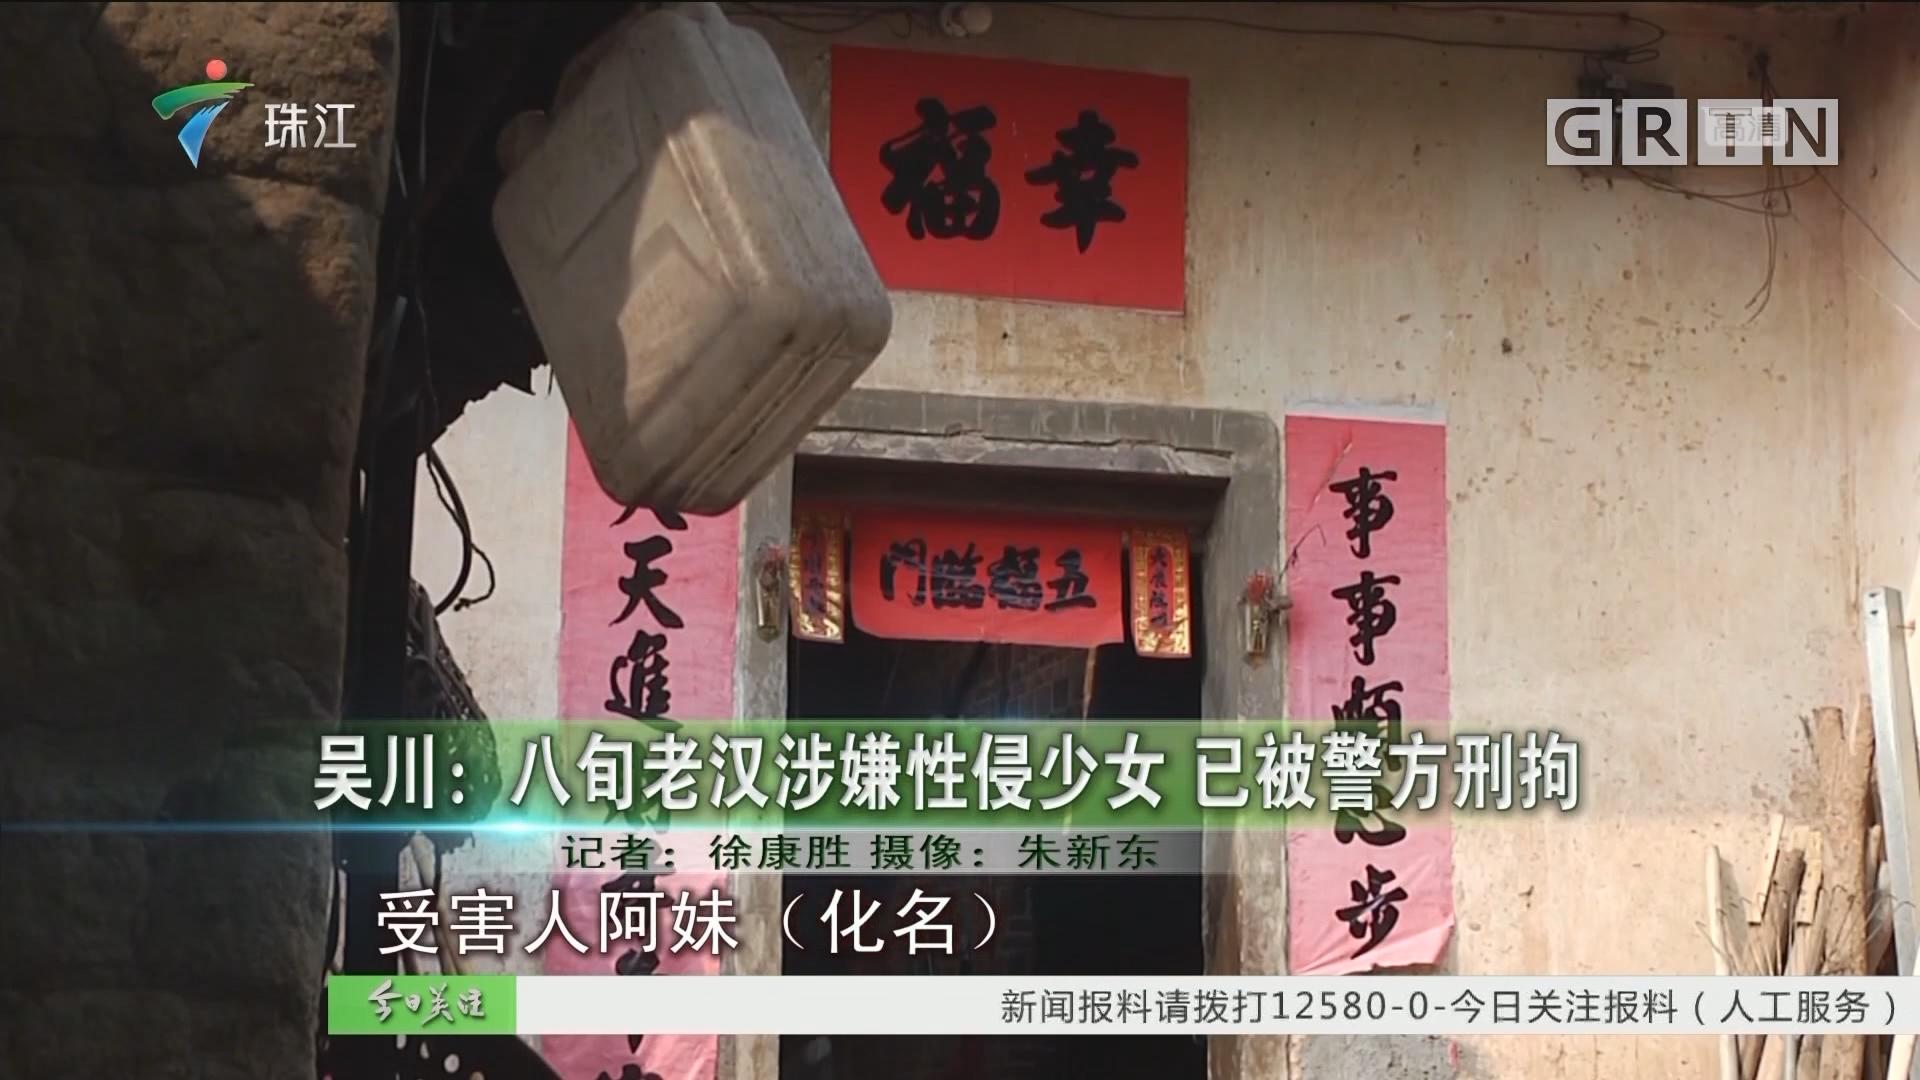 吴川:八旬老汉涉嫌性侵少女 已被警方刑拘